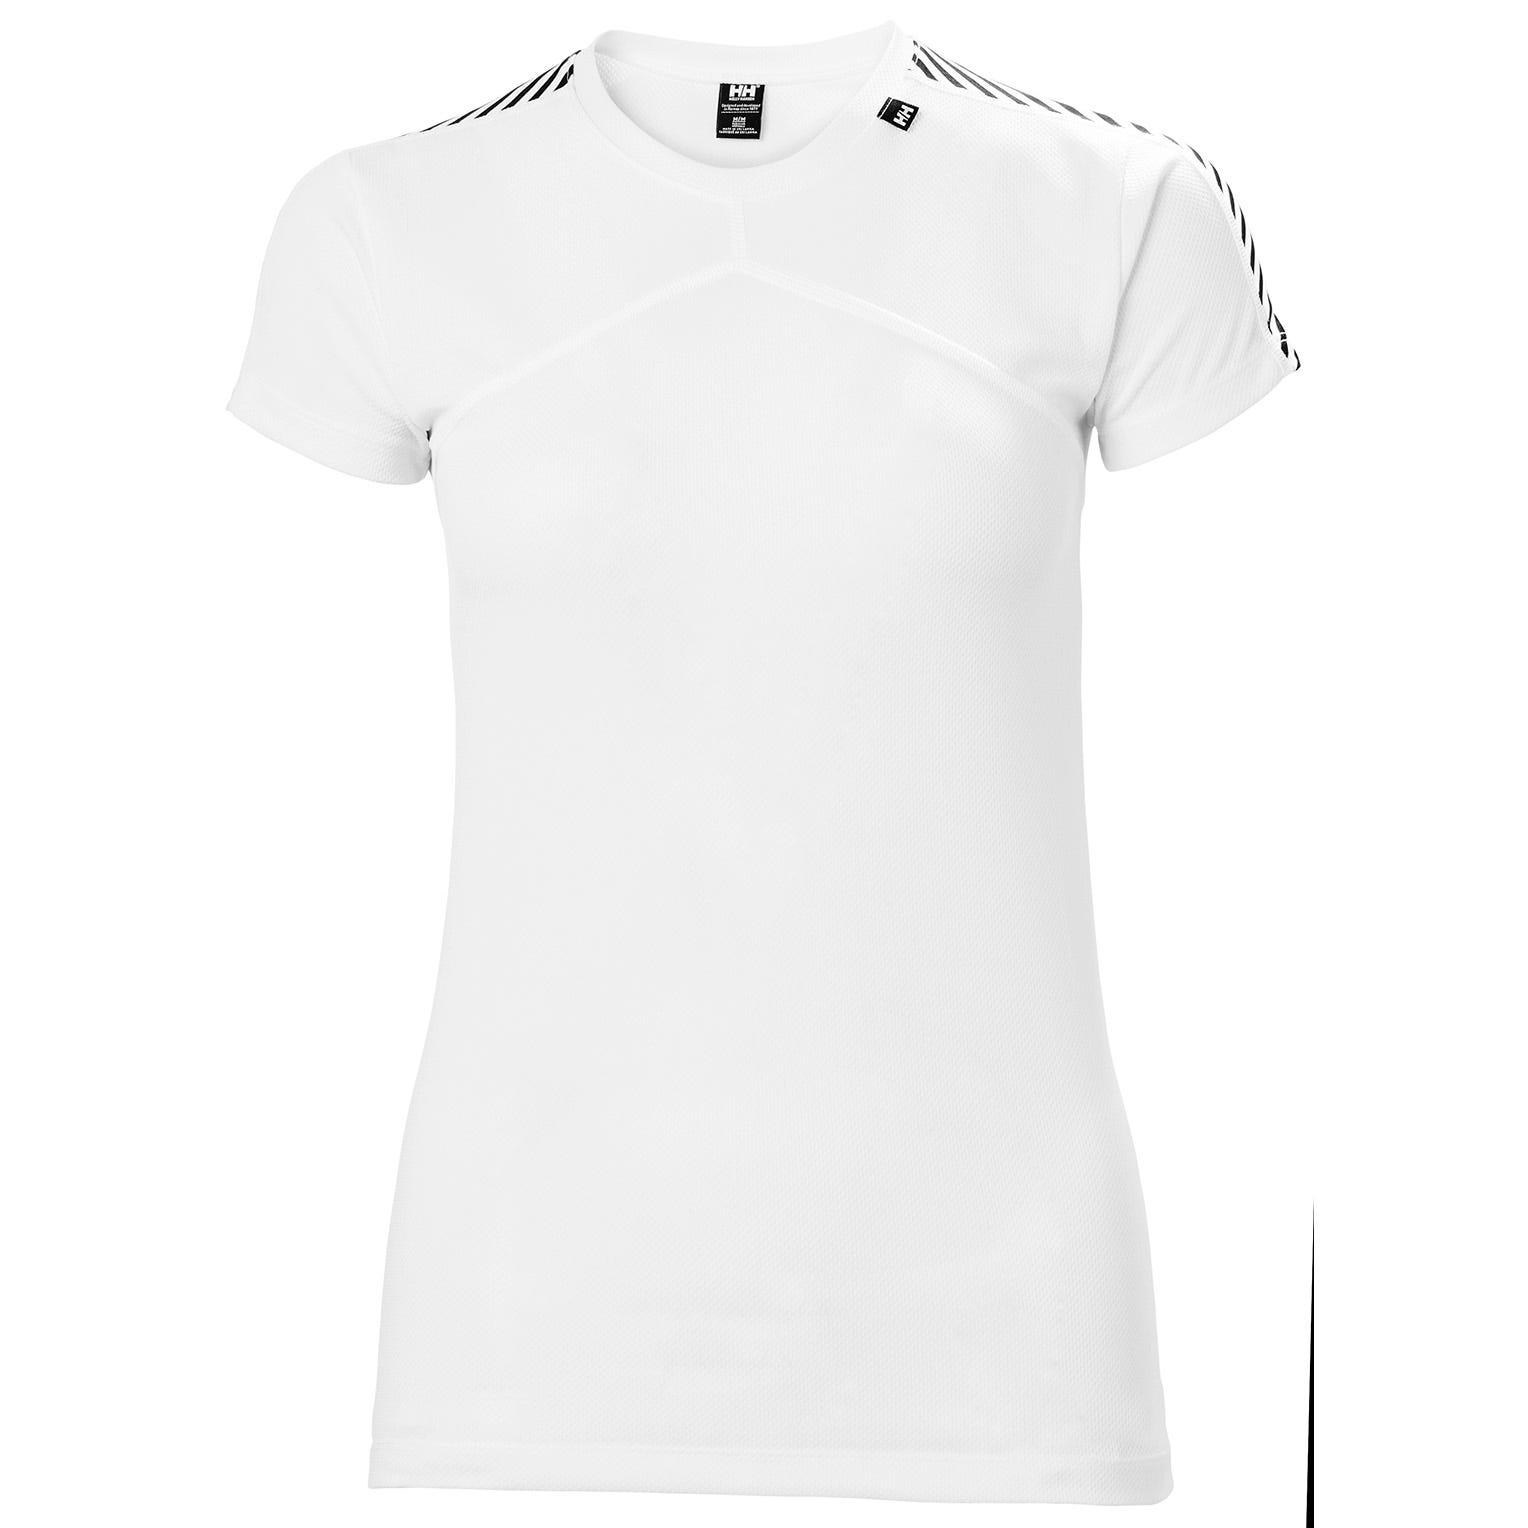 Helly Hansen T-shirt 75104 HH Lifa T-shirt 590 Bleu Marine